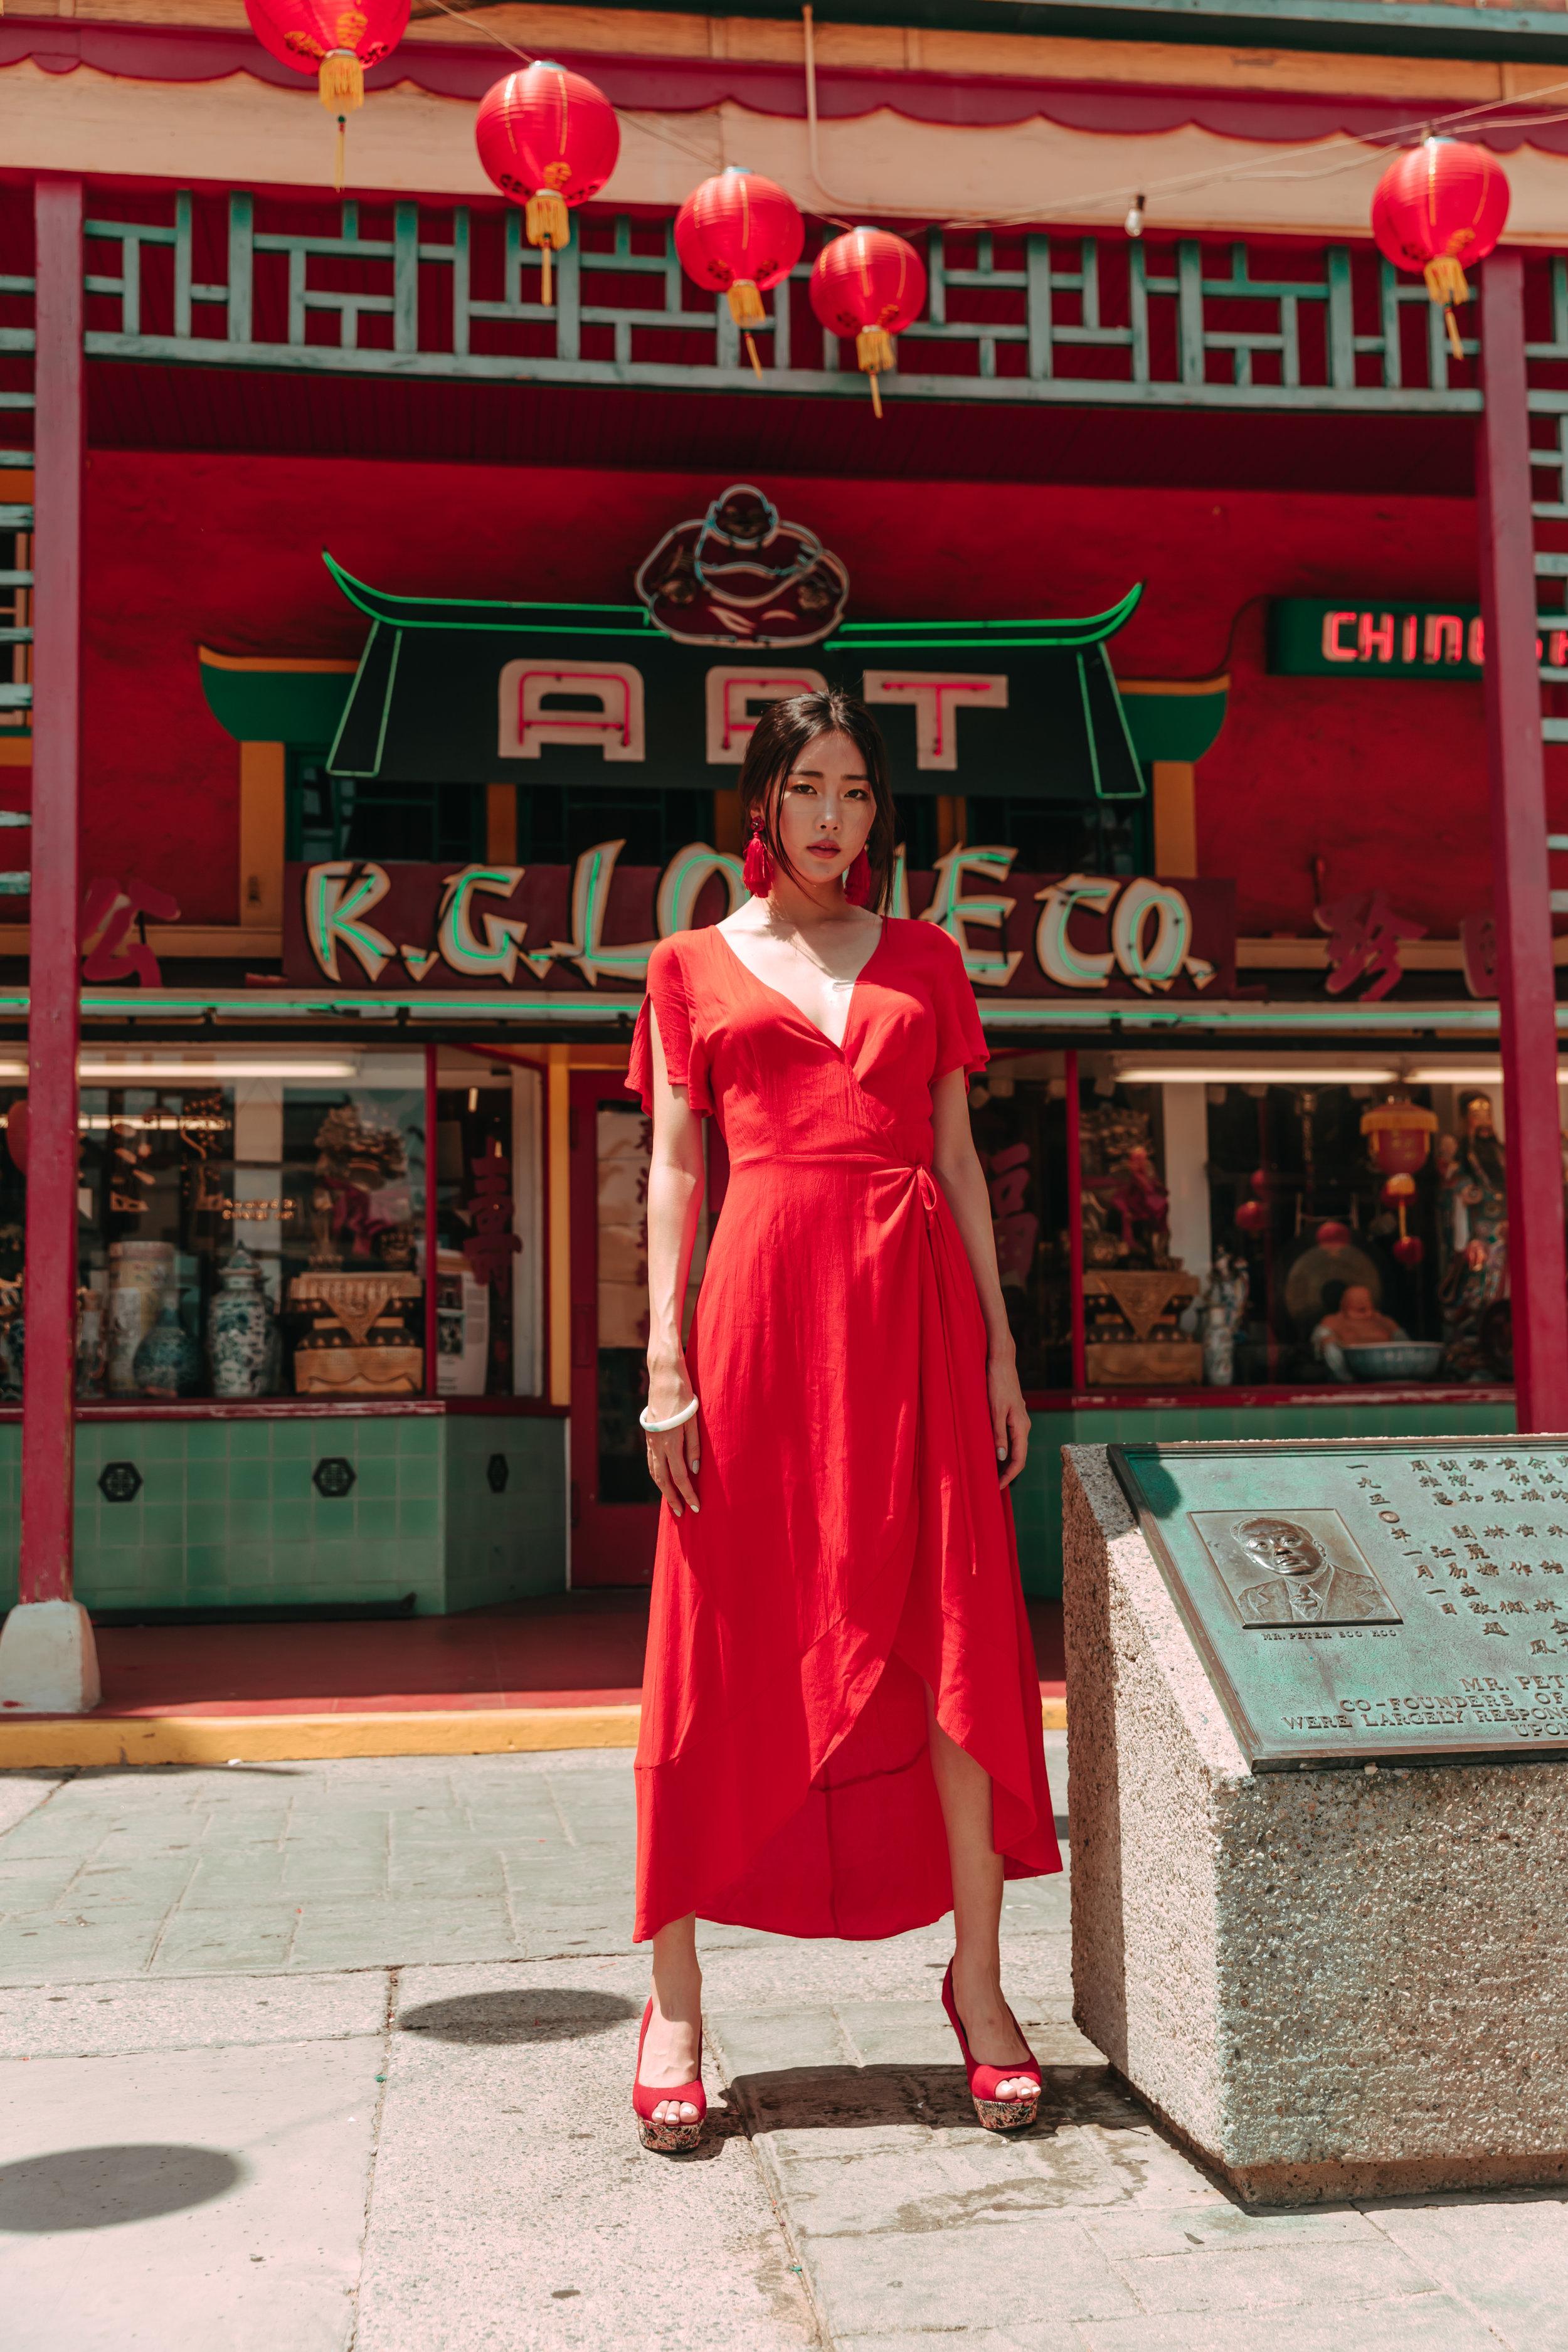 chinatown-dalsooobin-19.jpg